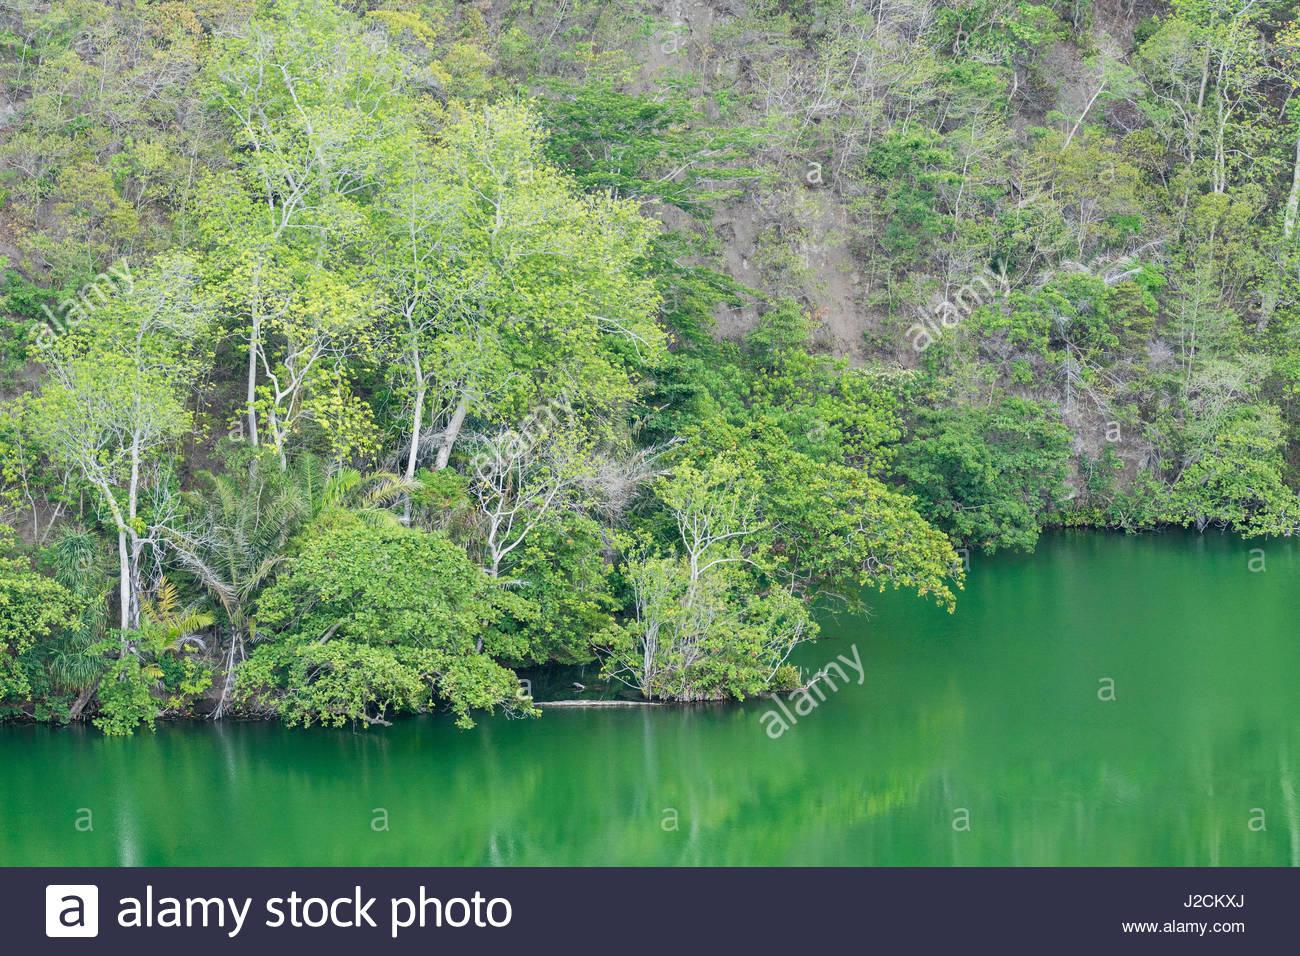 Ternate Island Indonesia Stock Photos Maluku Utara Kota Trees Green